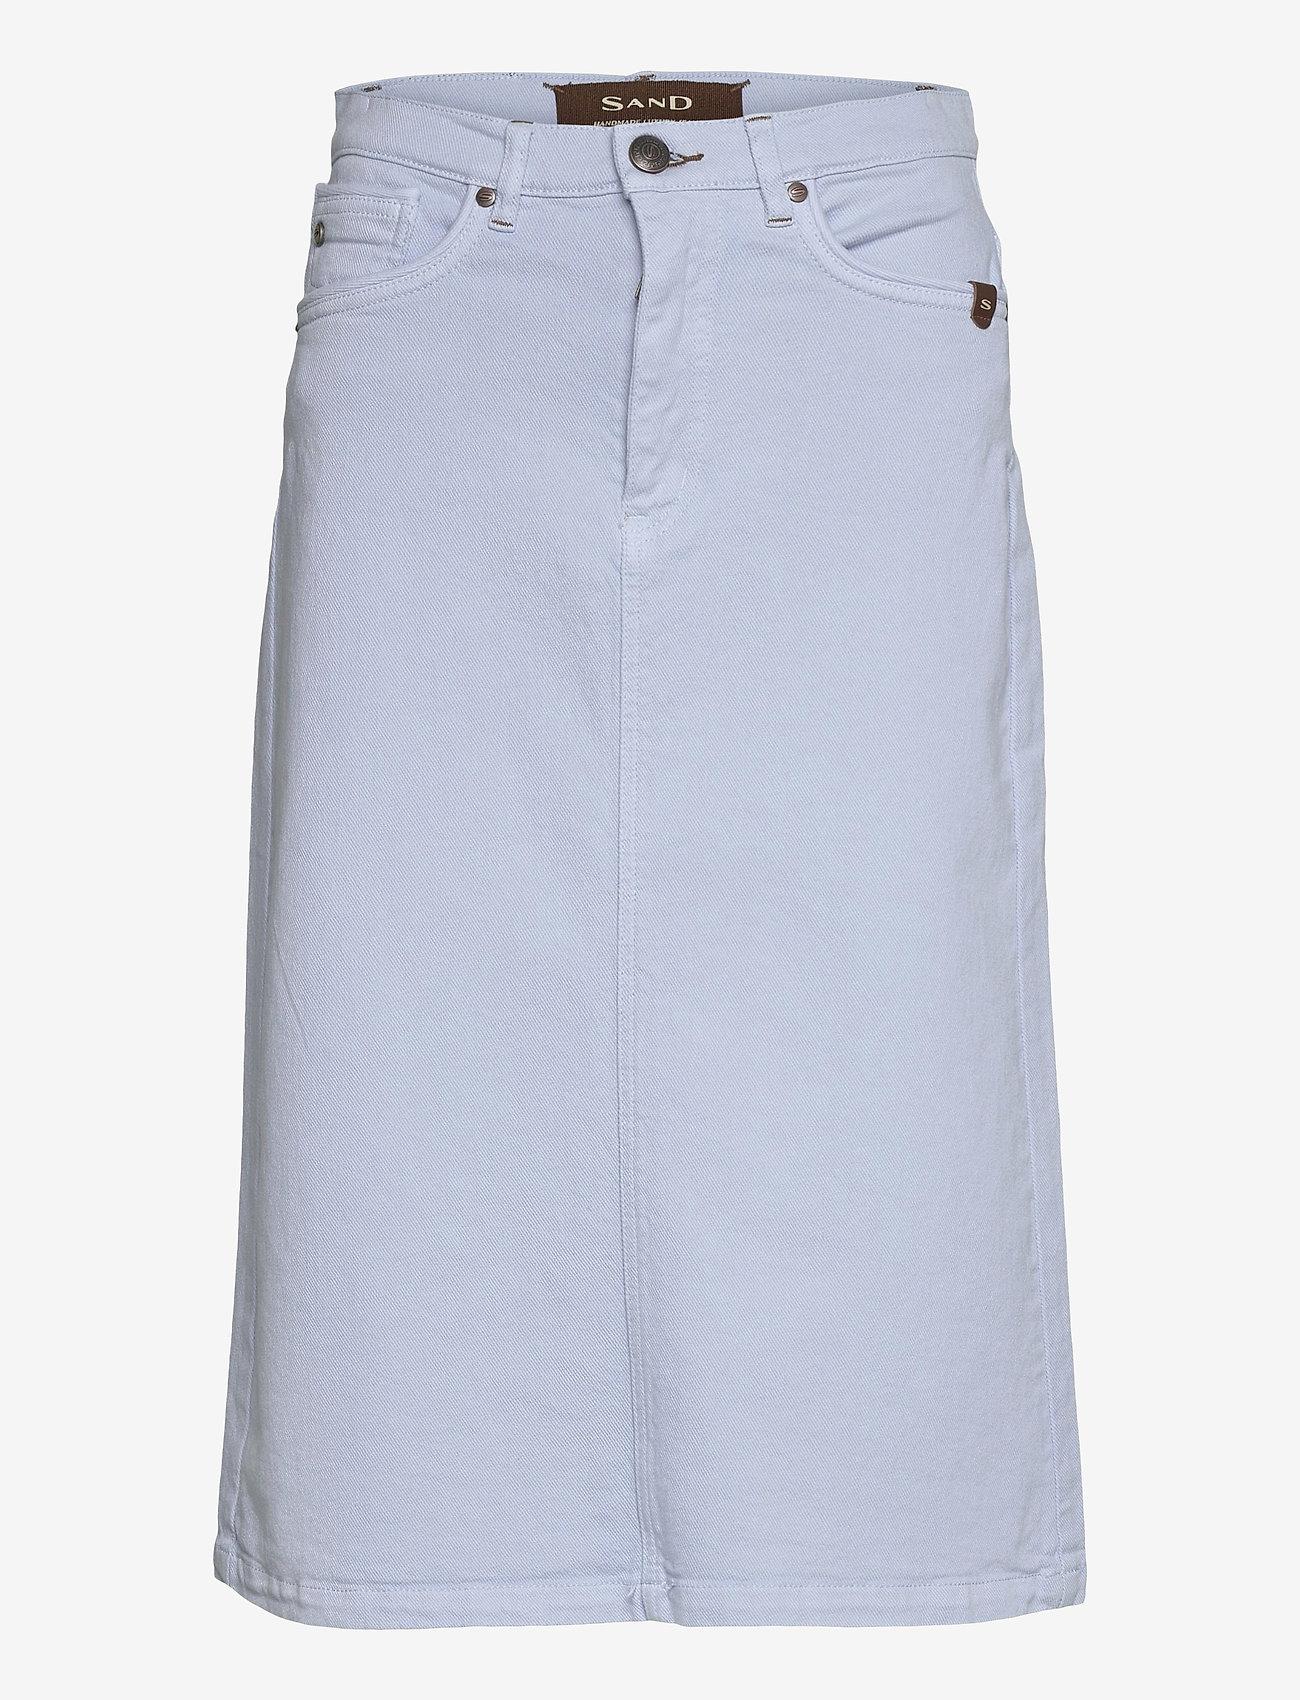 SAND - 0639 - Kathy Skirt - midi kjolar - light blue - 0